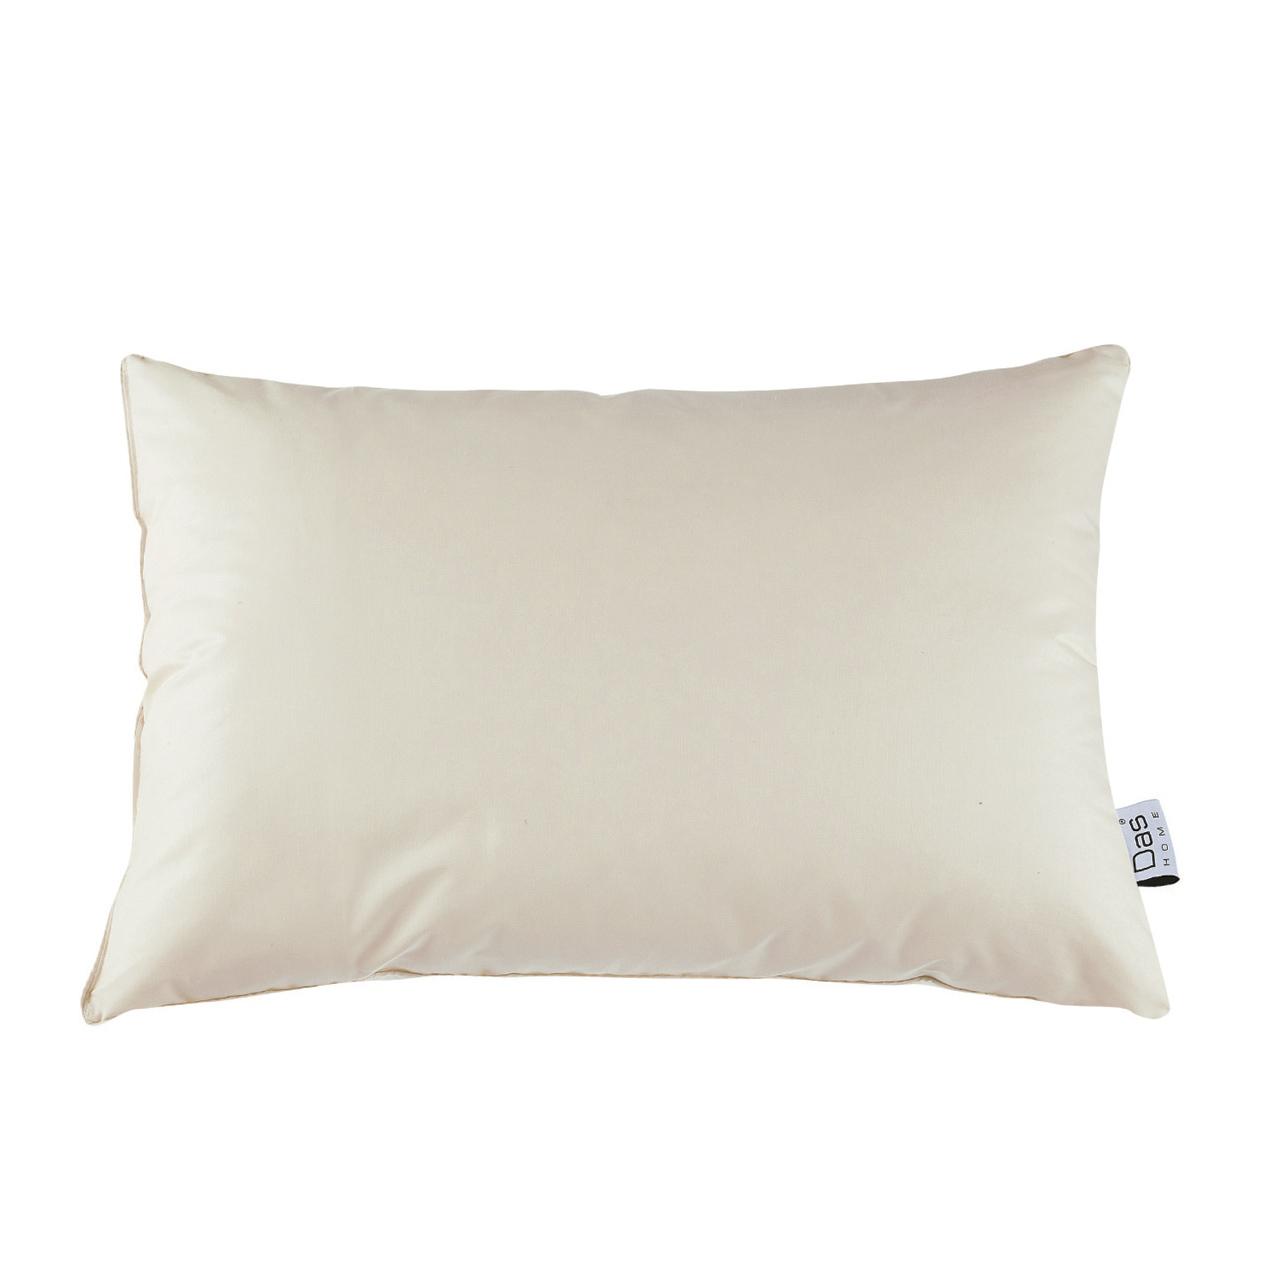 Μαξιλάρι ύπνου μάλλινο 1020, DAS HOME υπνοδωματιο   μαξιλάρια ύπνου   μαξιλάρια υπνου απλά